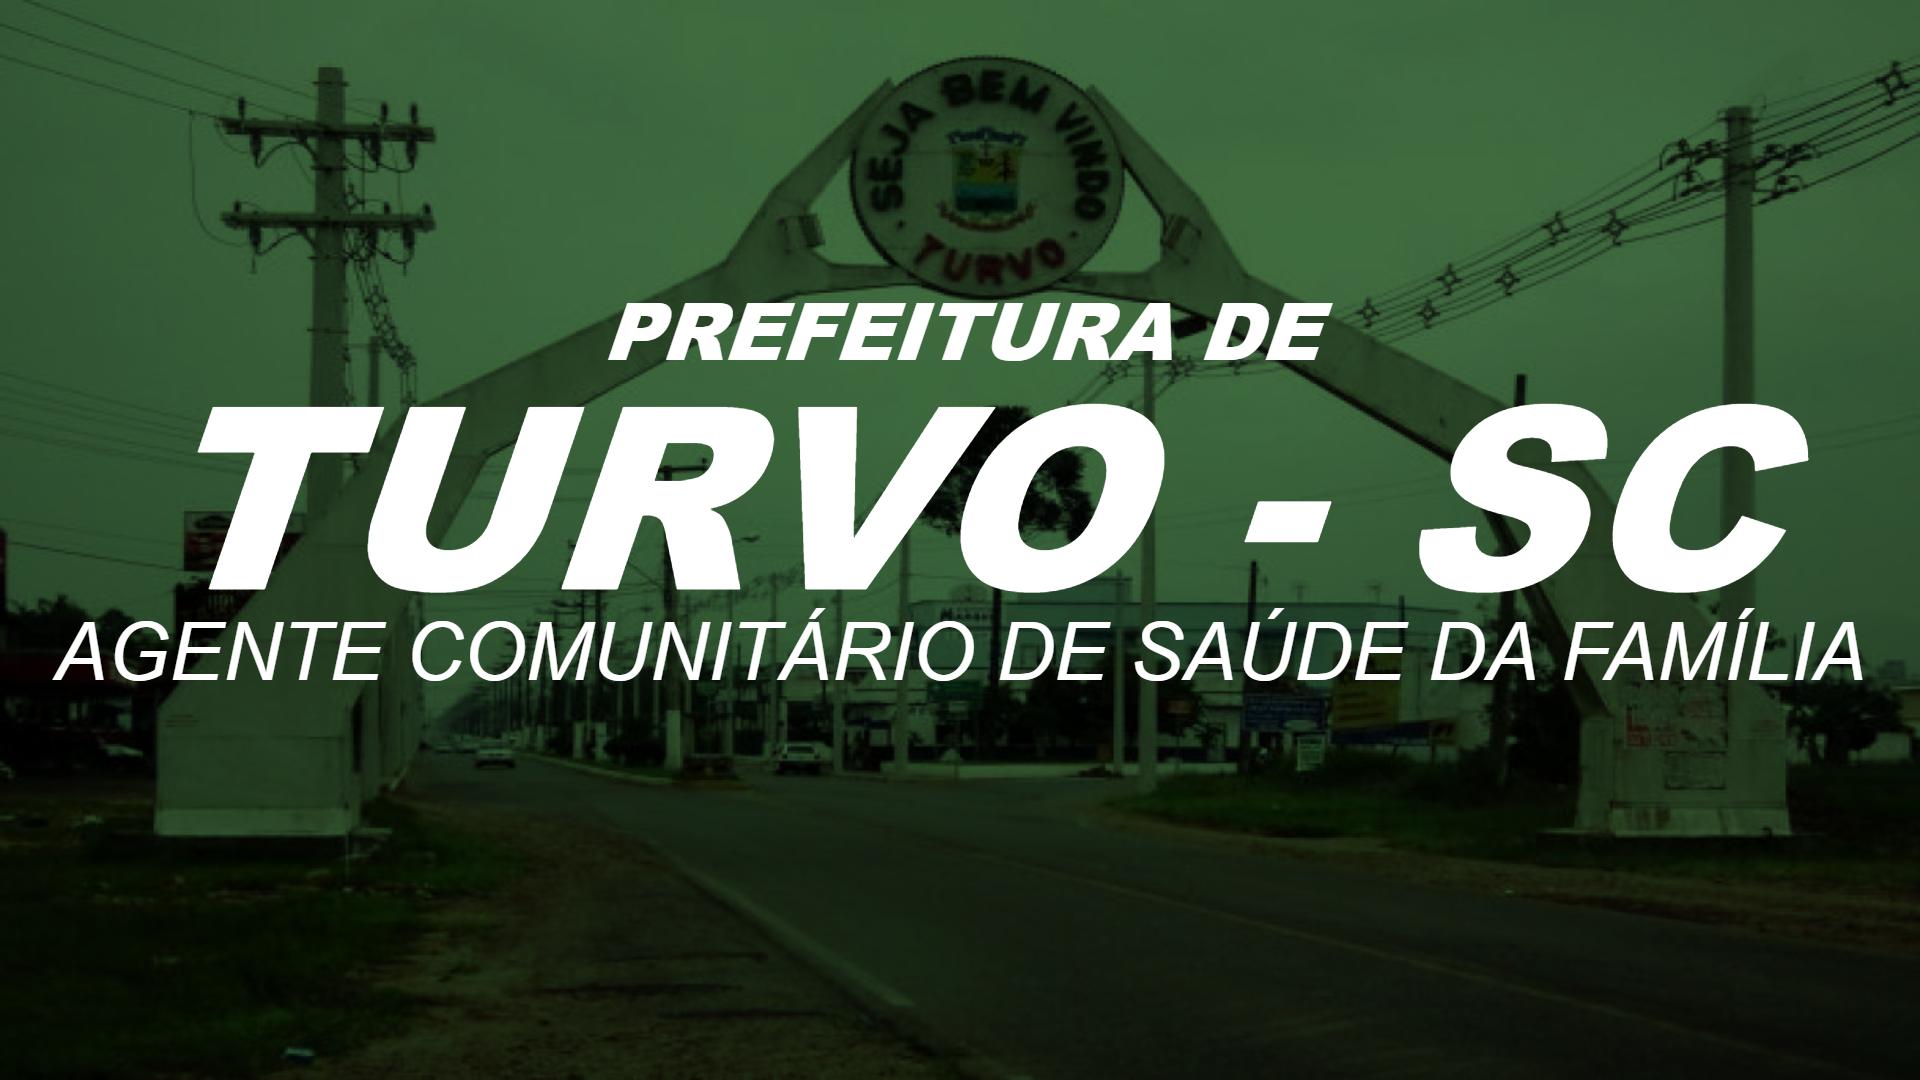 Agente Comunitário de Saúde da Família da Prefeitura do Município de Turvo - SC